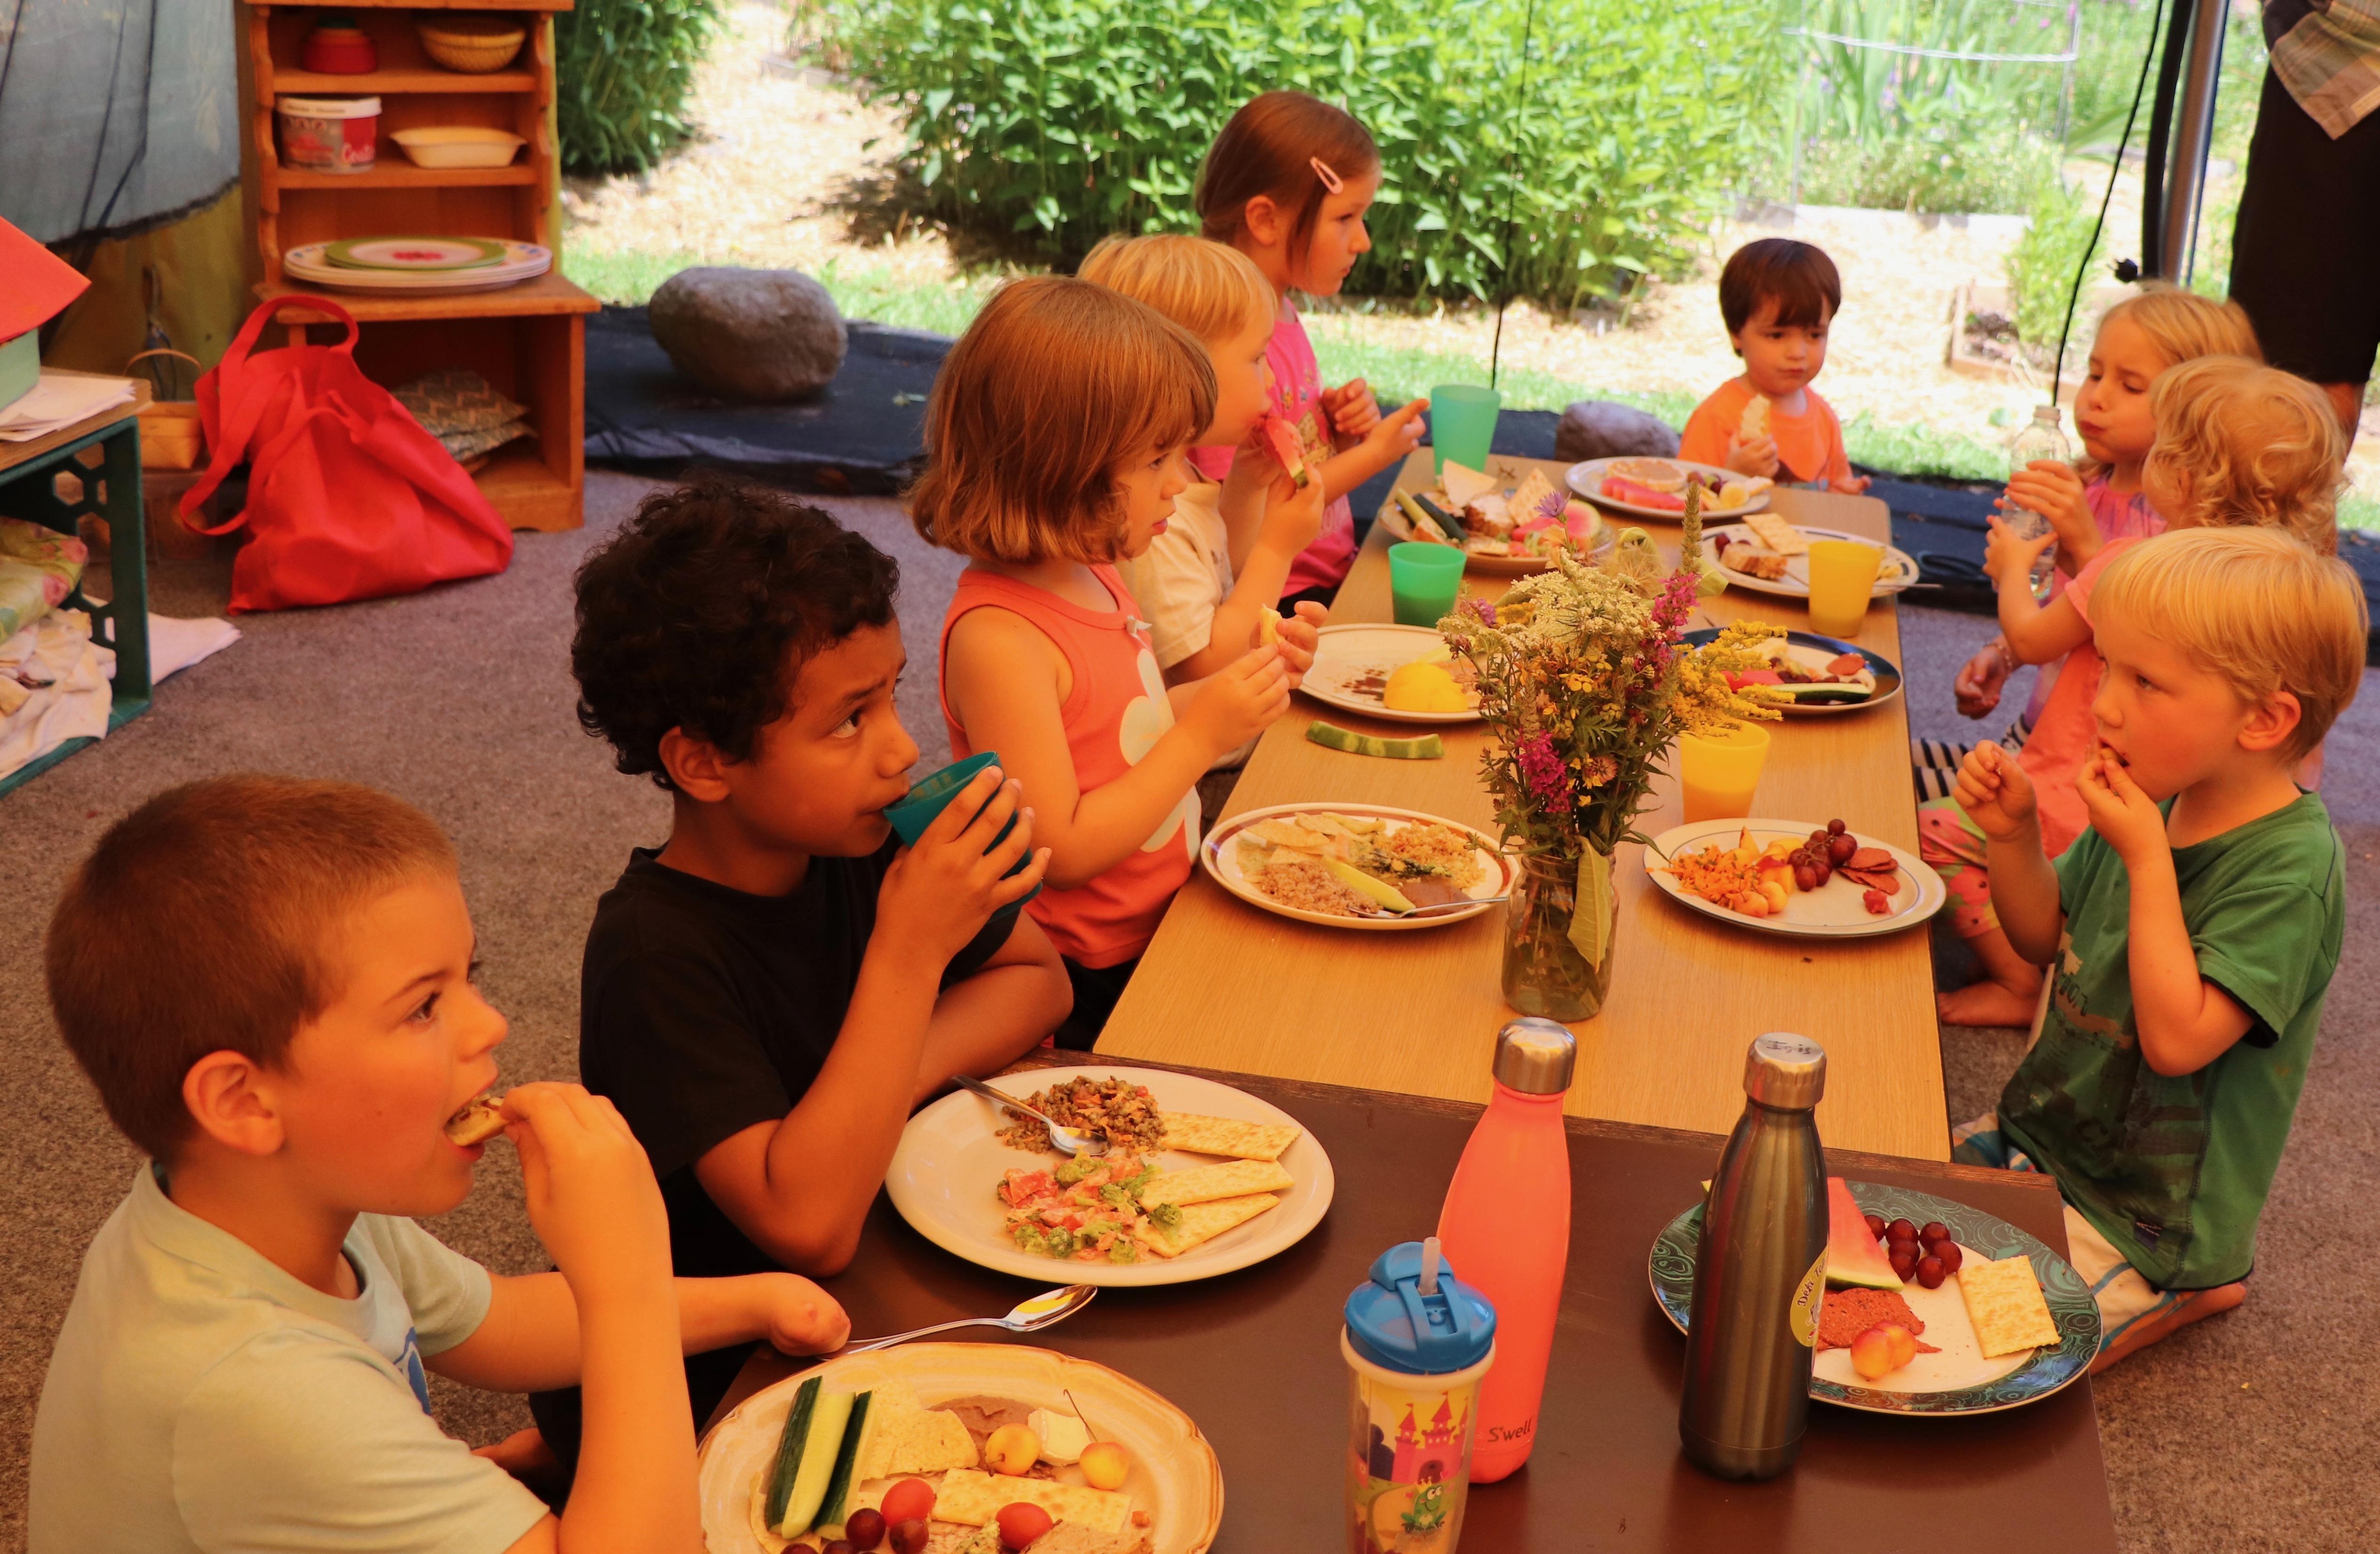 Le repas des enfants dans la cuisine d'été